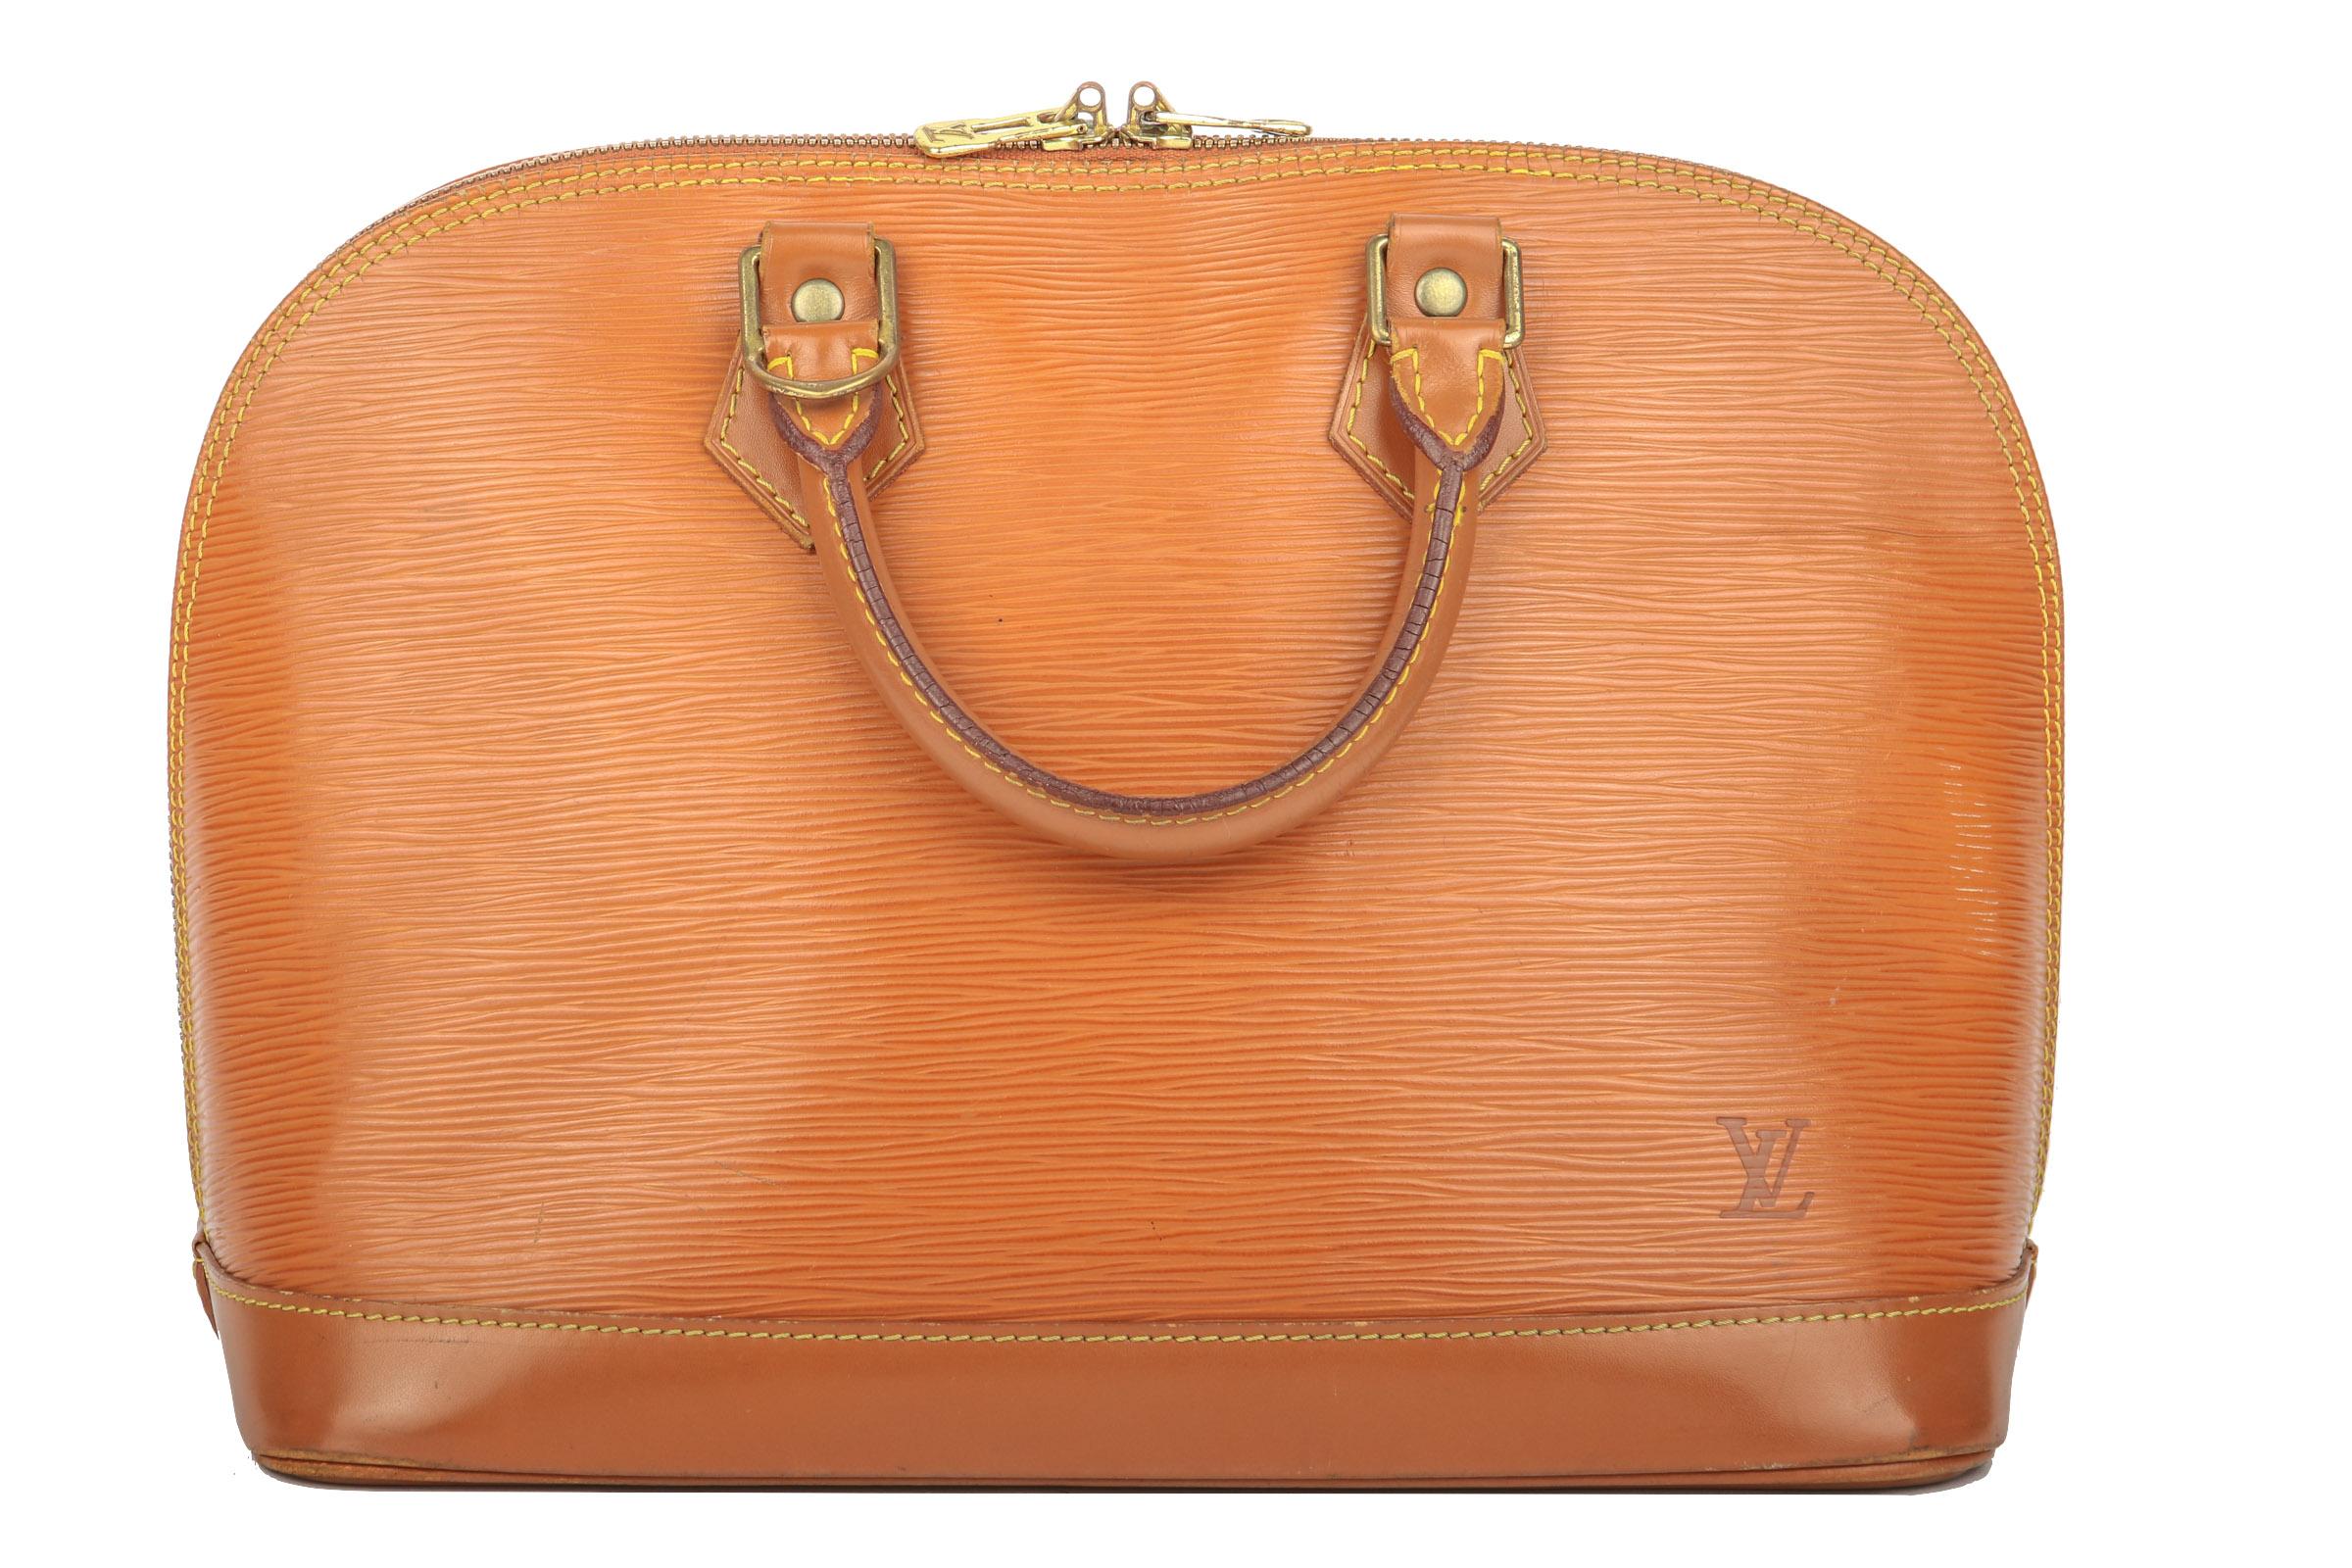 3094d7713b923 Louis Vuitton Alma PM Epi Leder Cognac